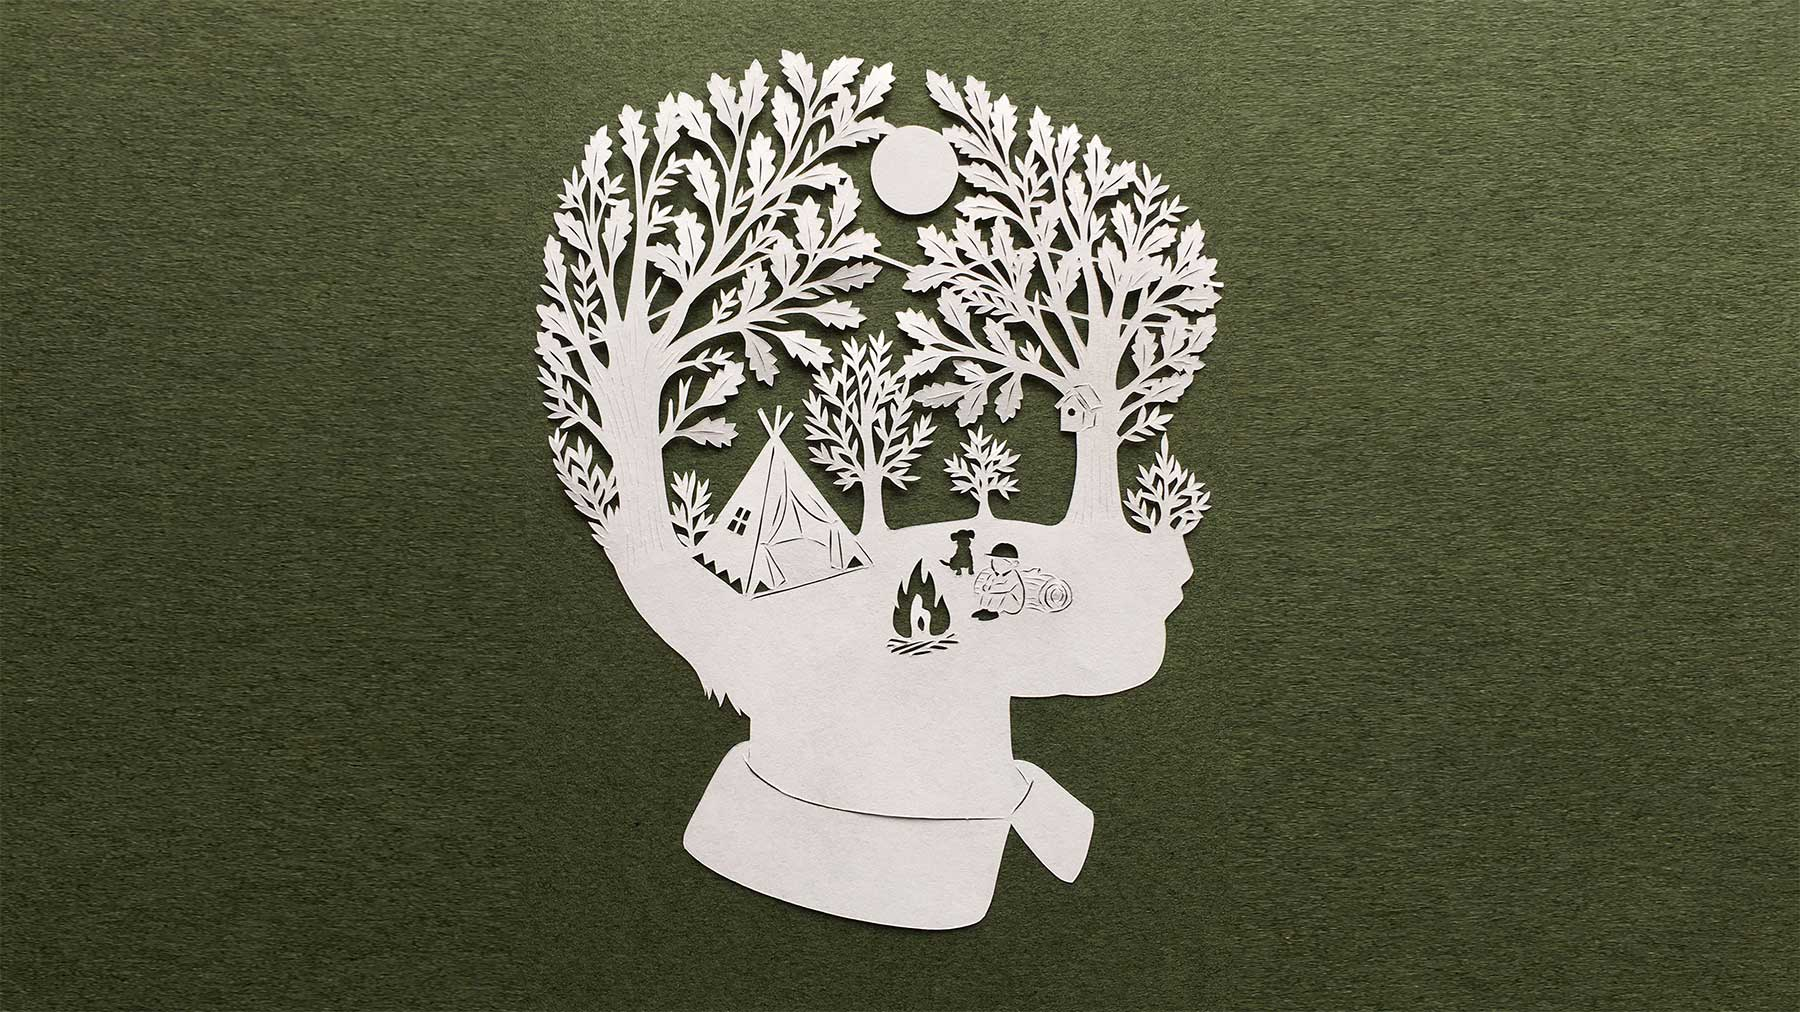 Papierschnitt-Kunst von Kanako Abe